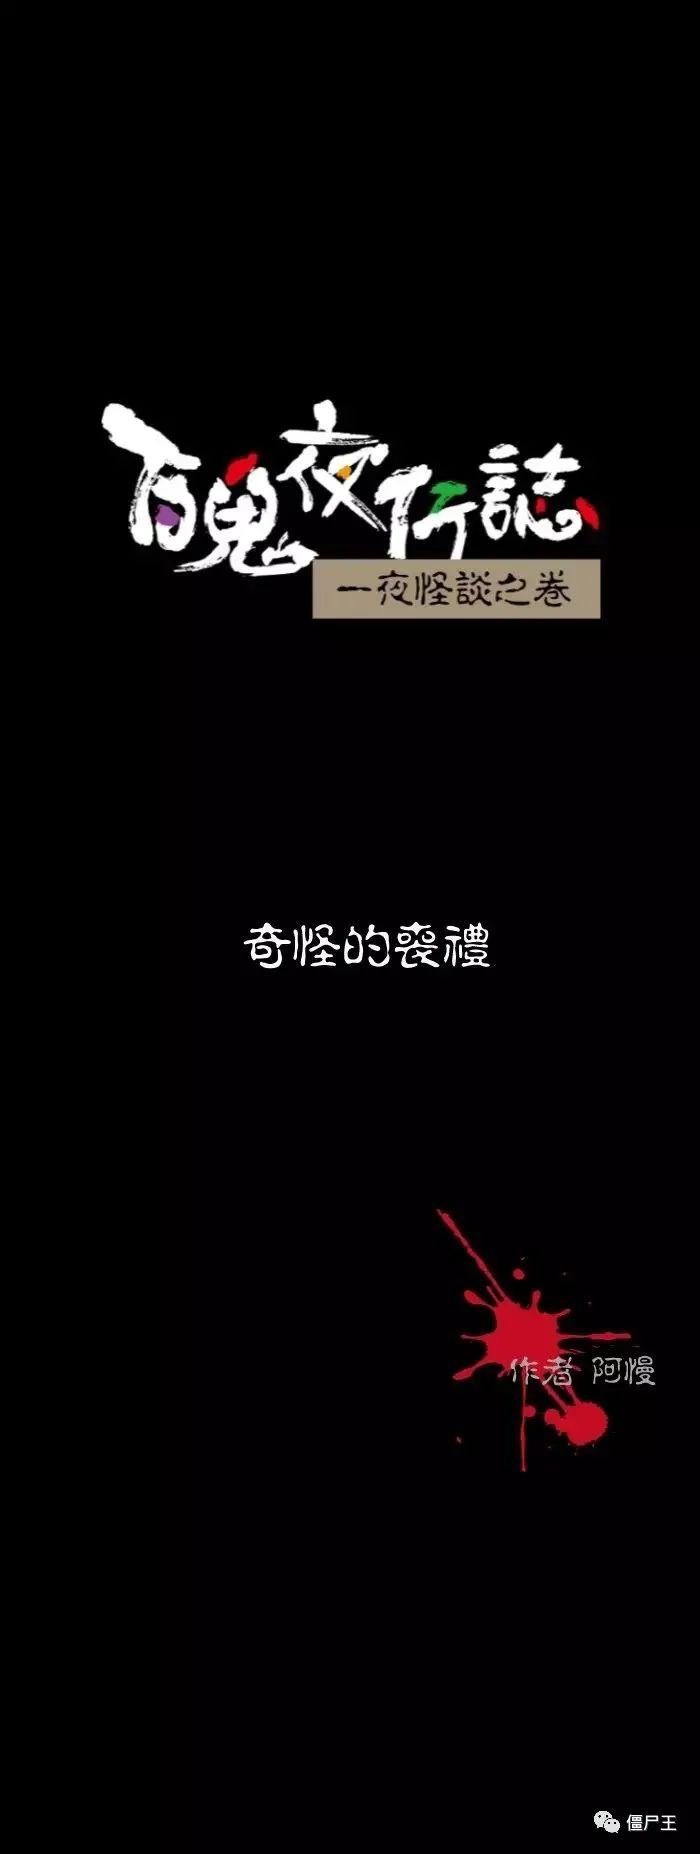 僵尸王漫画:百鬼夜行记之奇怪的丧礼